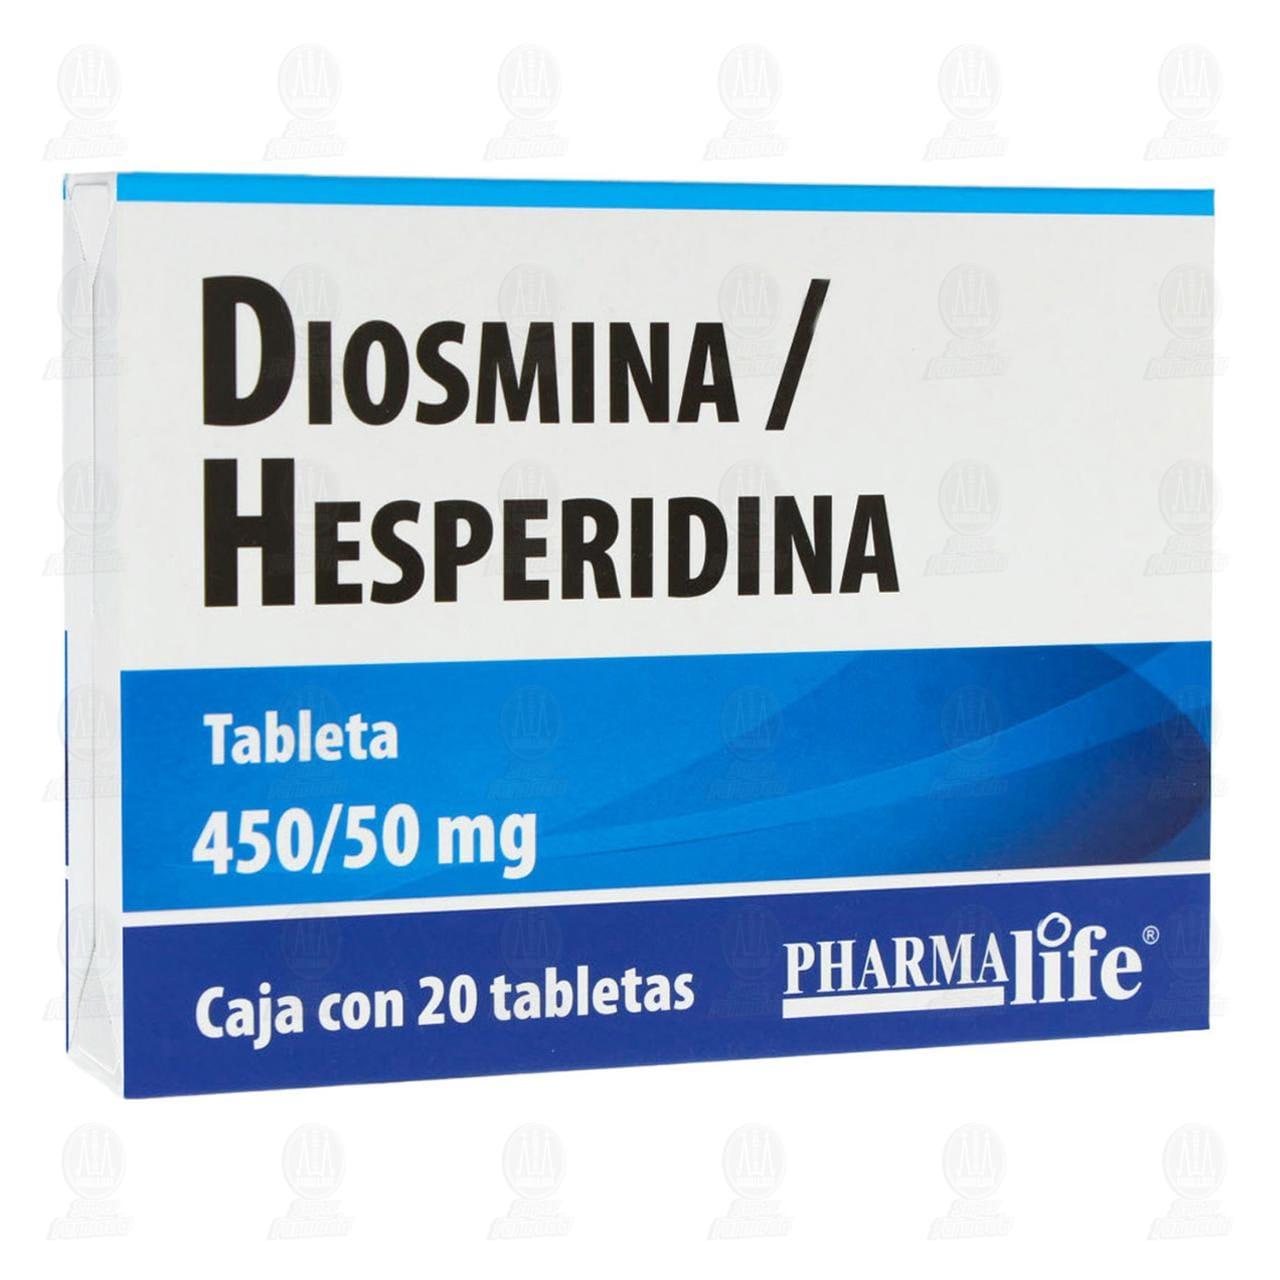 Diosmina/Hesperidina Tableta 450/50mg con 20 Tabletas